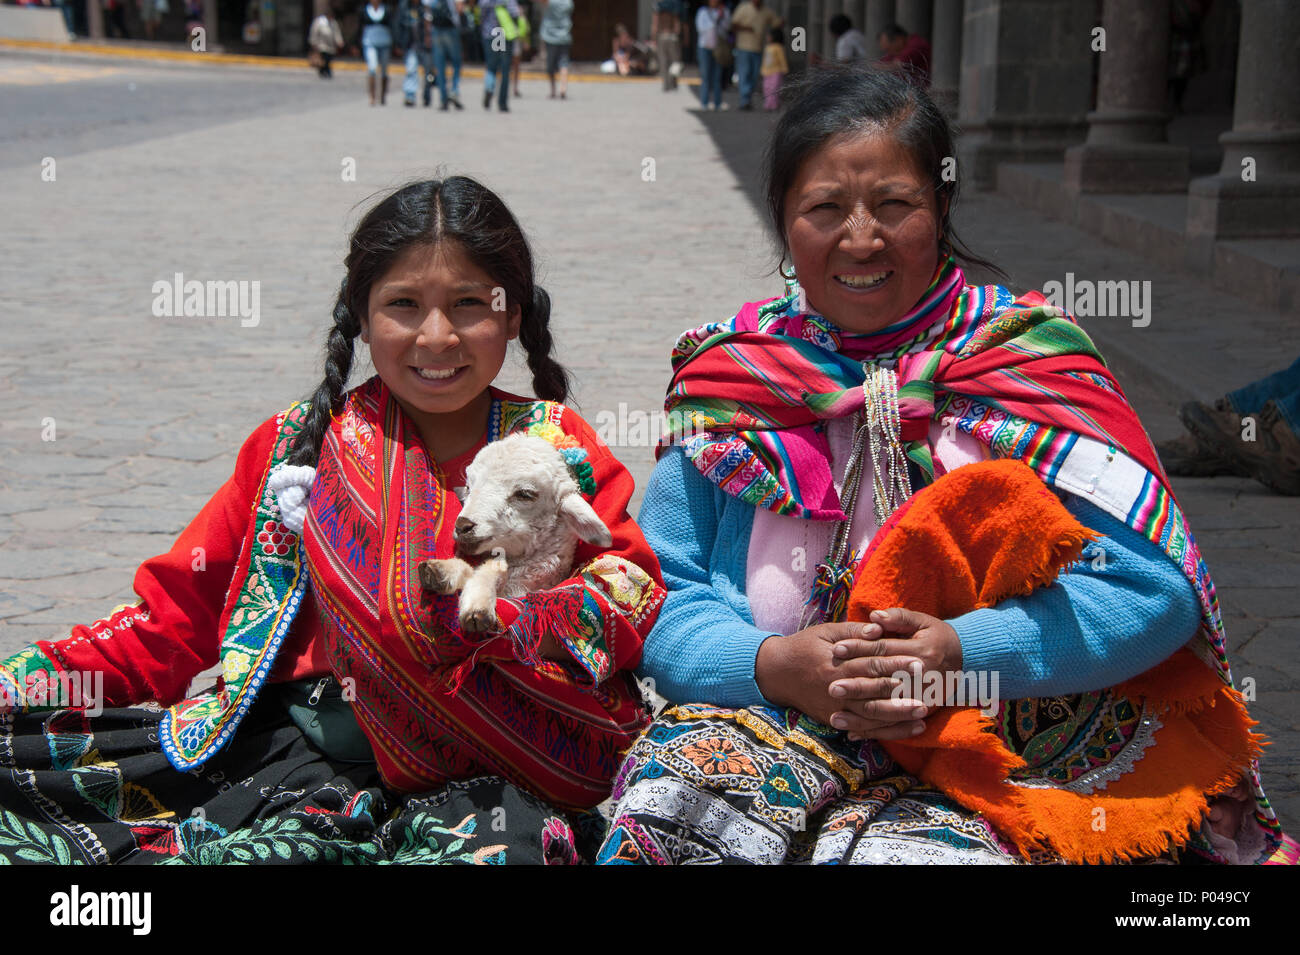 116a2b87f Perú señoras en traje tradicional posando para fotografías en la ...